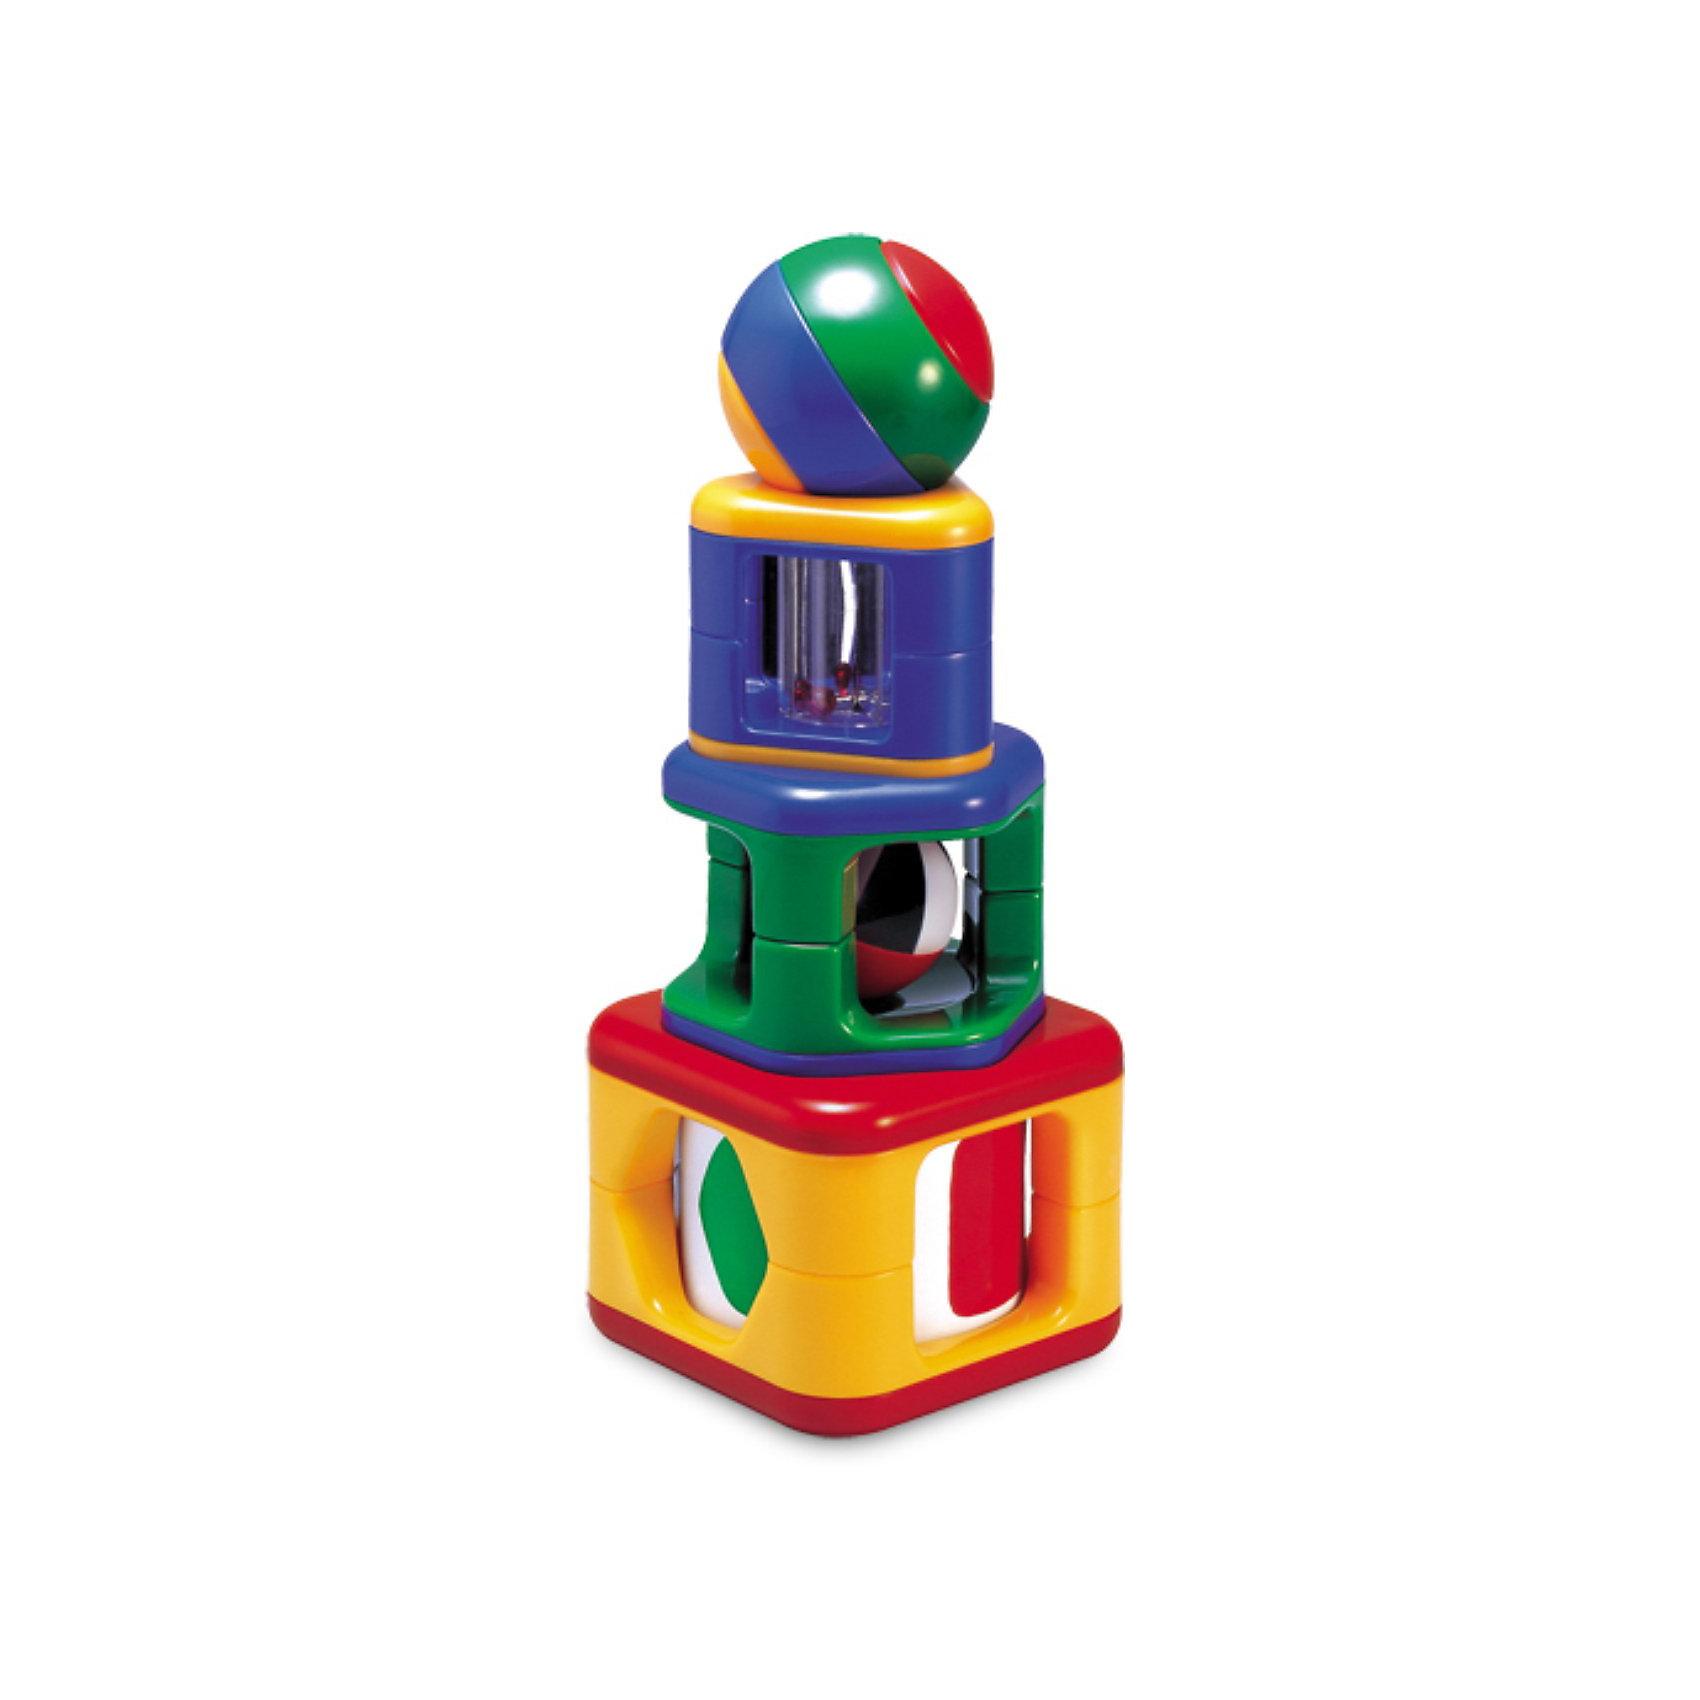 TOLO Пирамидка с подвижными элементами, TOLO CLASSIC tolo classic игрушка фотокамера